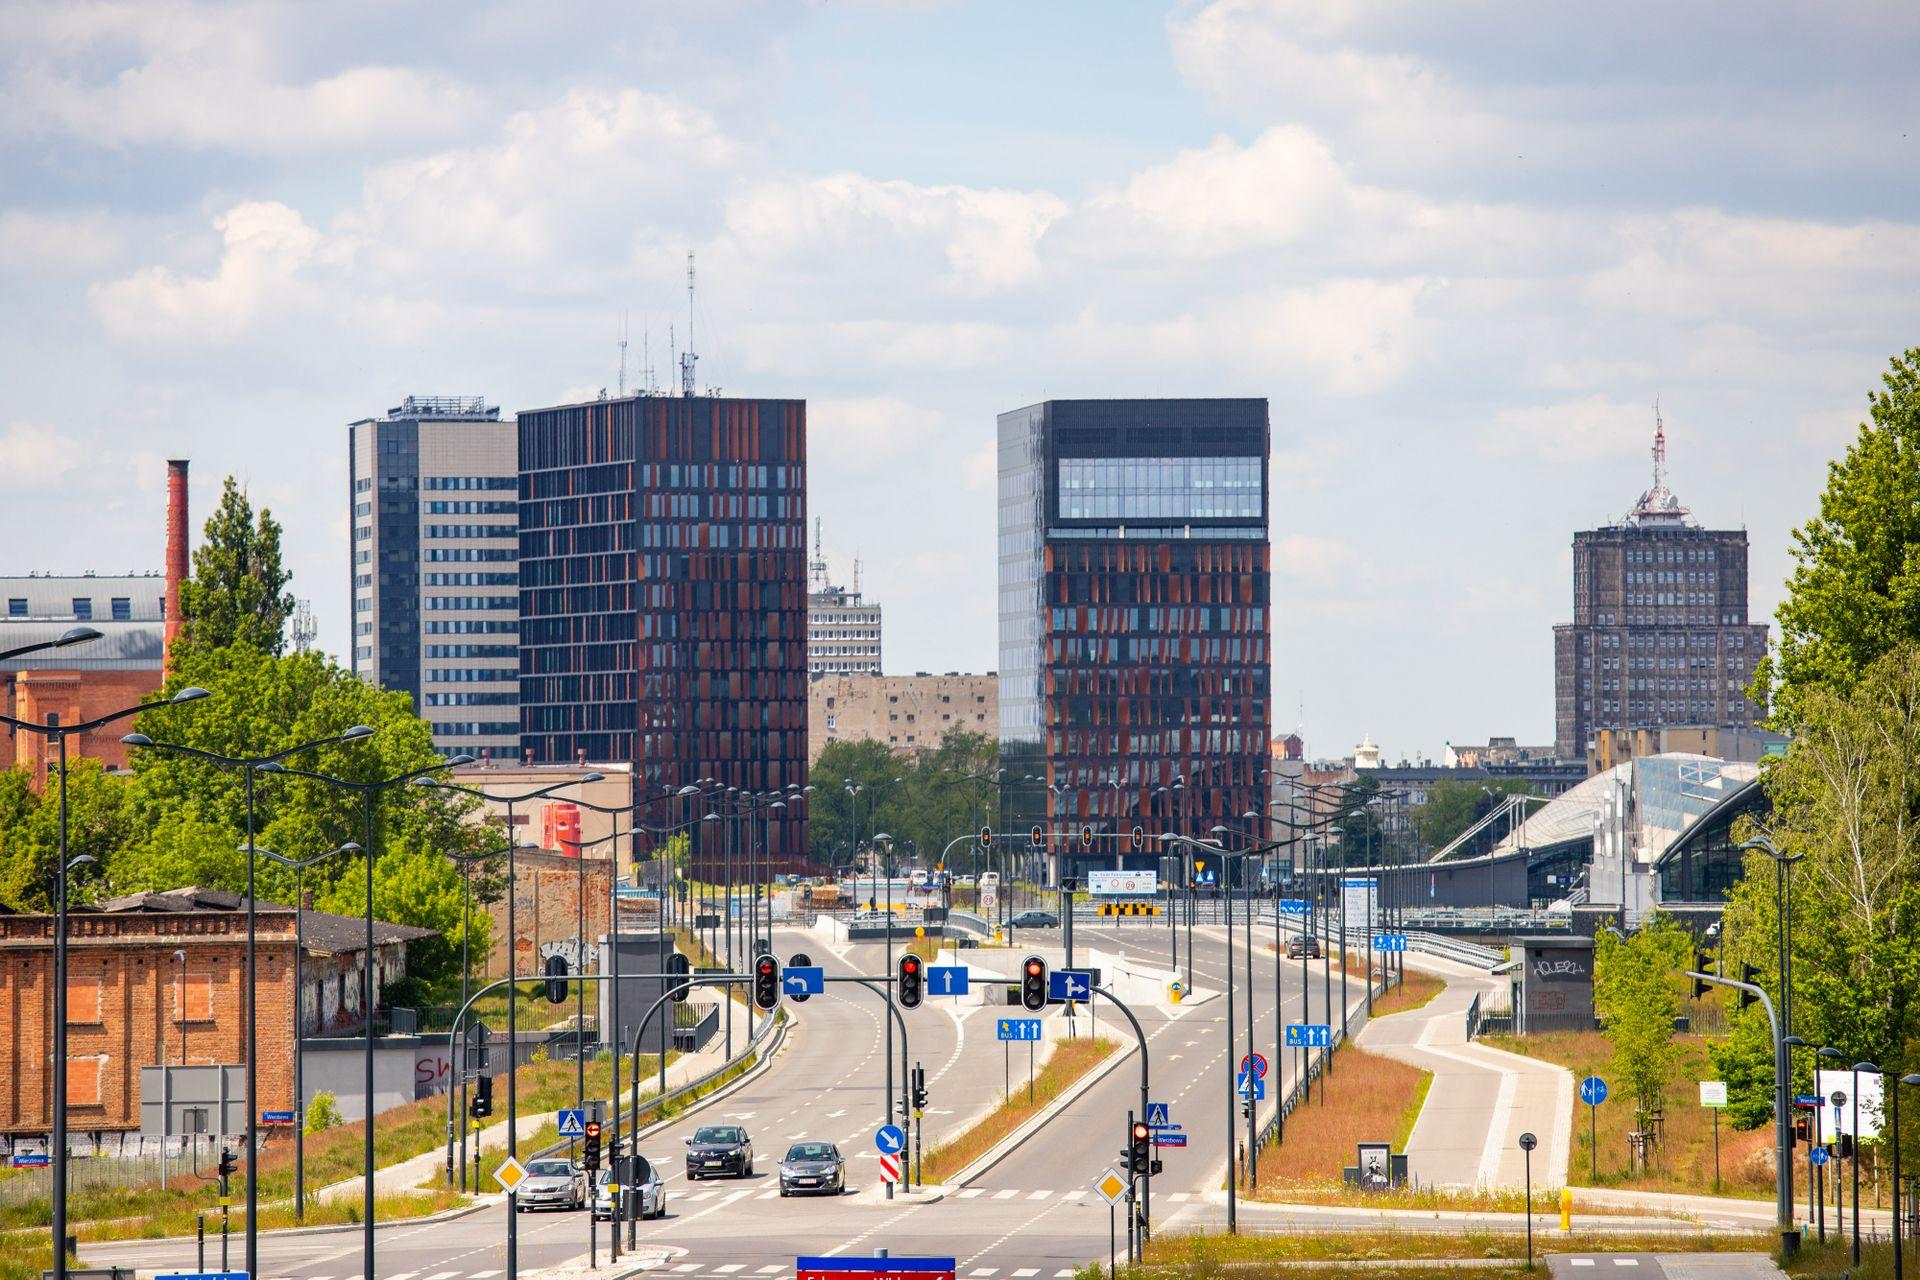 W Łodzi przybędzie 350 nowych miejsc pracy dzięki inwestycji niemieckiej firmy Wella